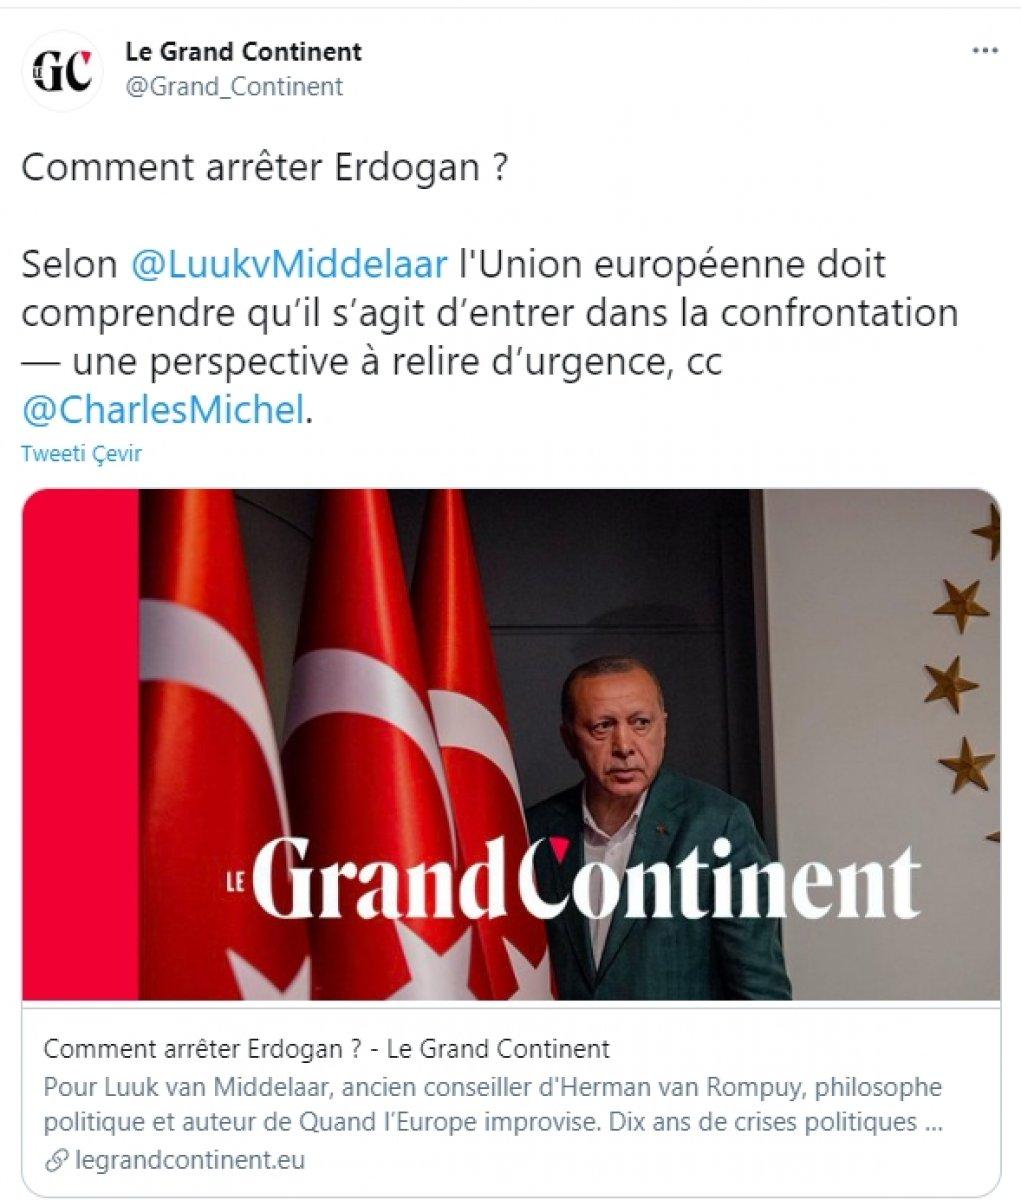 Fransız Le Grand Continent ın Erdoğan korkusu #1